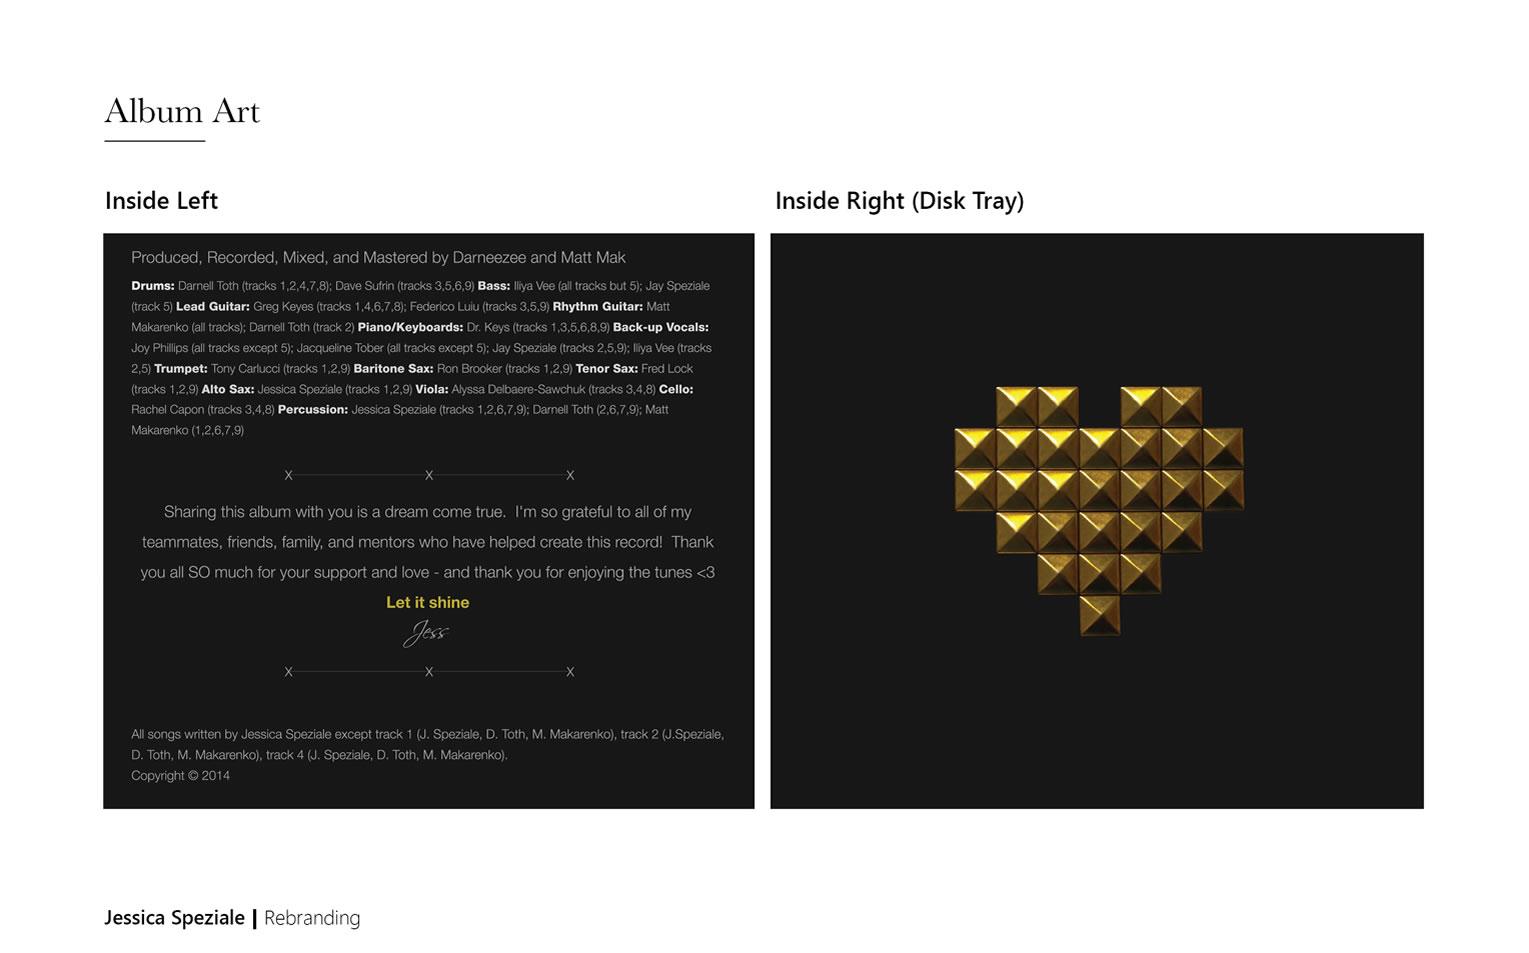 Josh-Skinner-Graphic-Designer-UX-Designer-Portfolio21